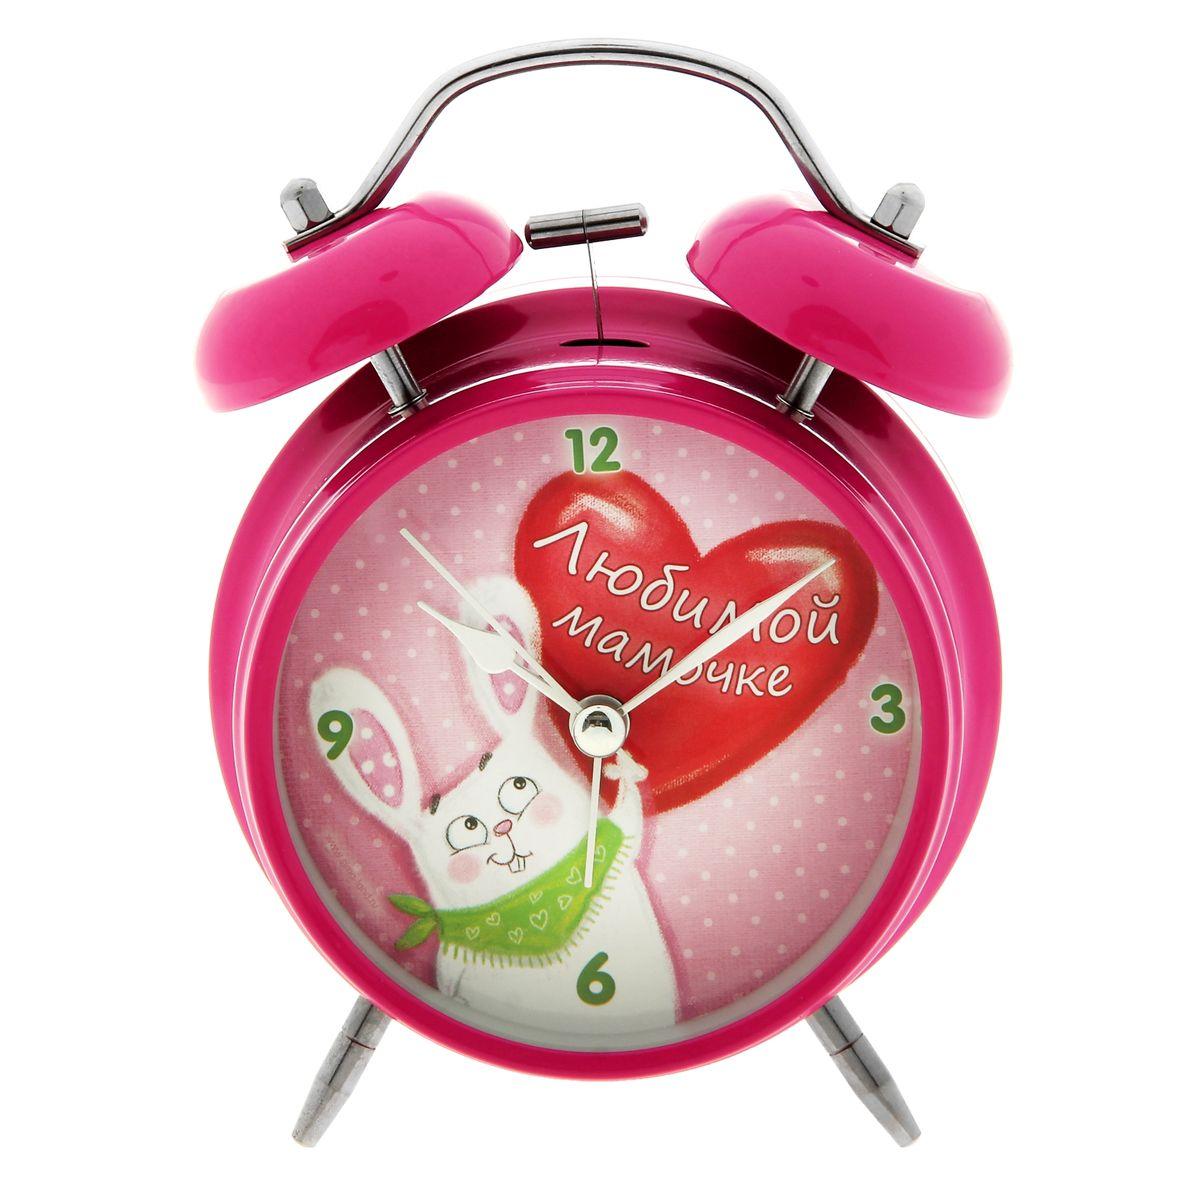 Часы-будильник Sima-land Любимой мамочкеVT-6606(BK)Как же сложно иногда вставать вовремя! Всегда так хочется поспать еще хотя бы 5 минут и бывает, что мы просыпаем. Теперь этого не случится! Яркий, оригинальный будильник Sima-land Любимой мамочке поможет вам всегда вставать в нужное время и успевать везде и всюду.Корпус будильника выполнен из металла. Циферблат оформлен изображением забавного зайца с сердечком и надписью: Любимой мамочке, имеет индикацию арабскими цифрами. Часы снабжены 4 стрелками (секундная, минутная, часовая и для будильника). На задней панели будильника расположен переключатель включения/выключения механизма, а также два колесика для настройки текущего времени и времени звонка будильника. Также будильник оснащен кнопкой, при нажатии и удержании которой подсвечивается циферблат.Пользоваться будильником очень легко: нужно всего лишь поставить батарейку, настроить точное время и установить время звонка. Необходимо докупить 1 батарейку типа АА (не входит в комплект).